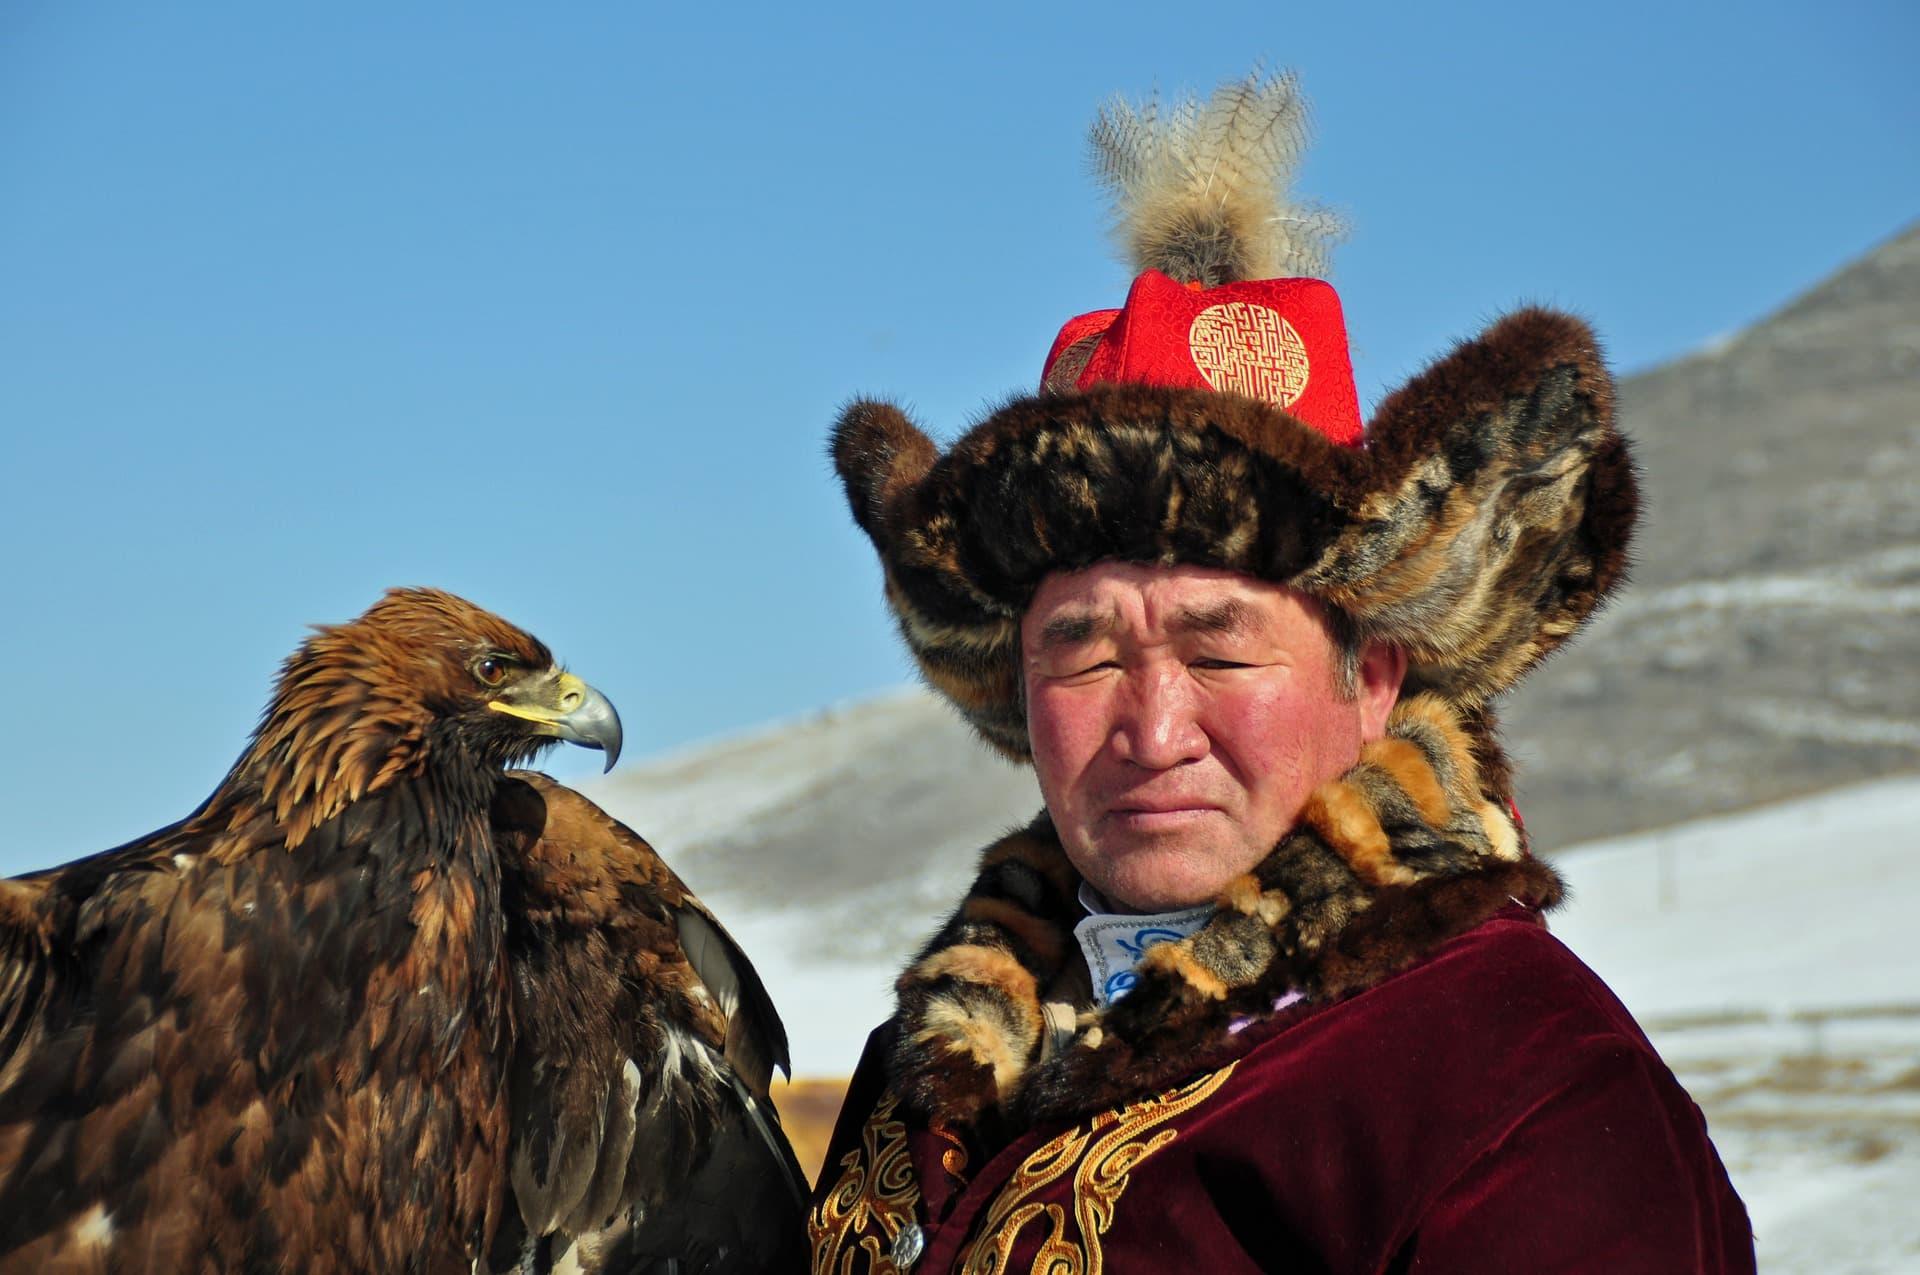 Mongolia eagle traditional